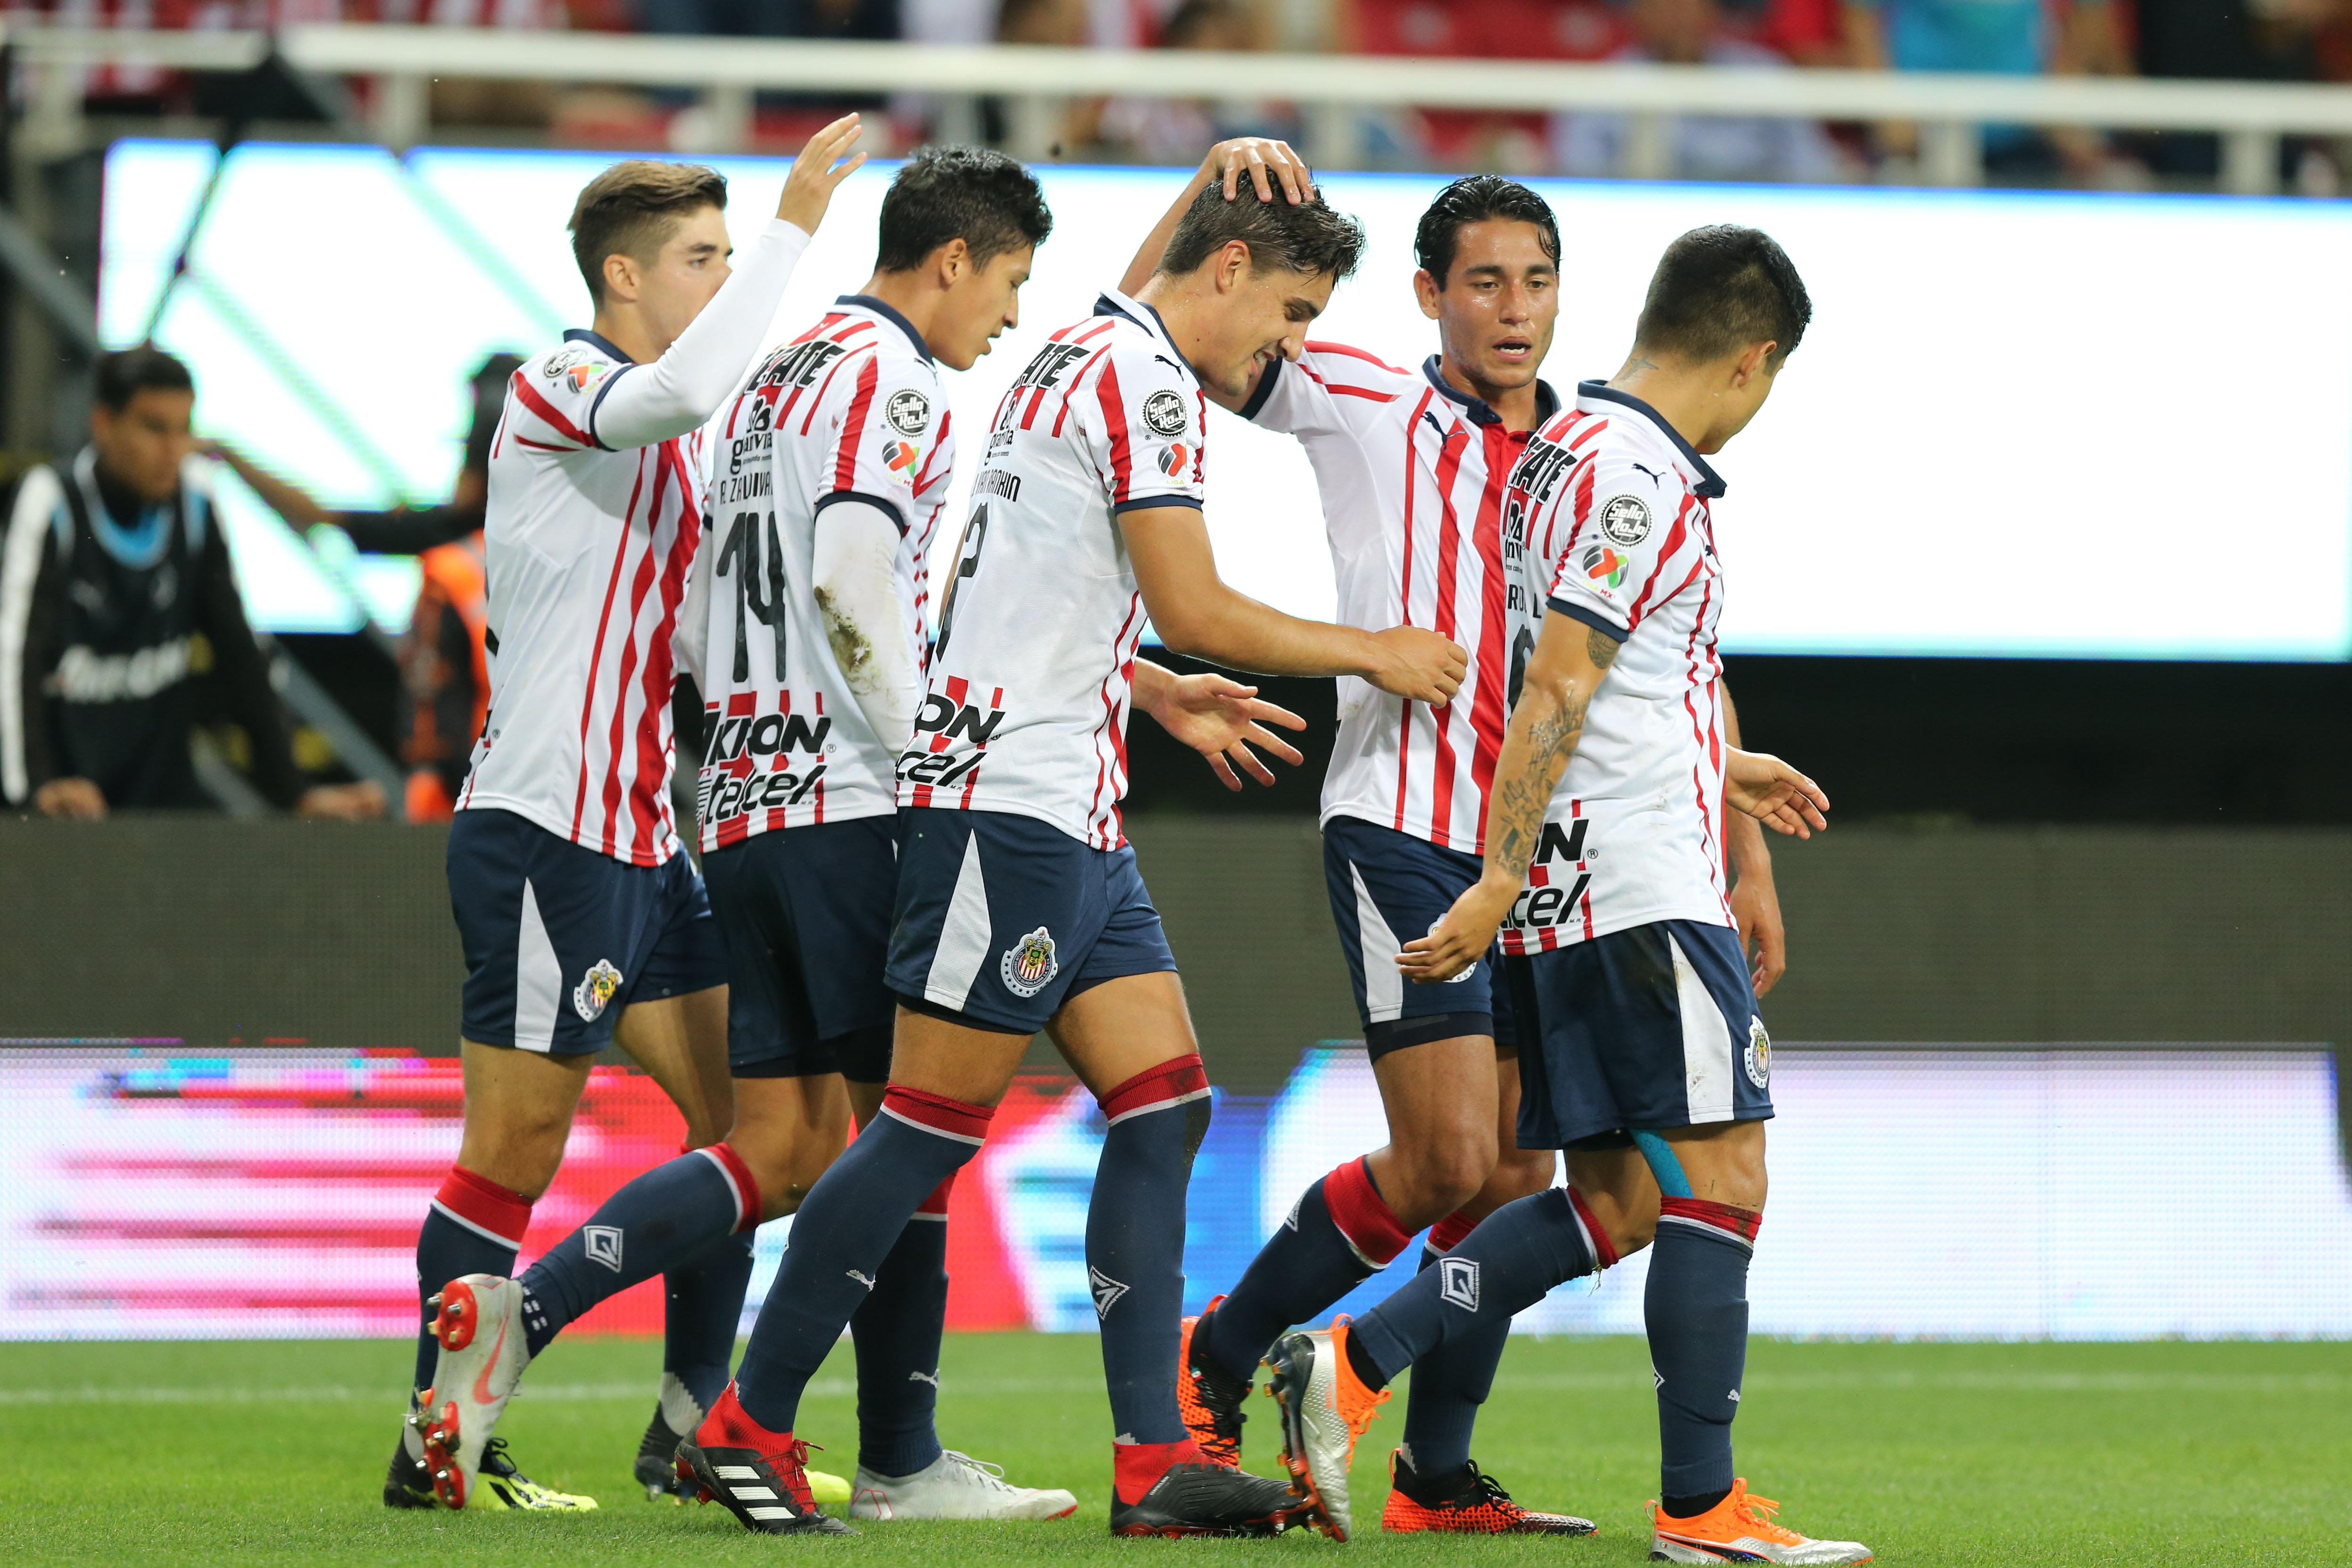 Chivas Equipo Mexicano Mundial De Clubes Participación Pleyers